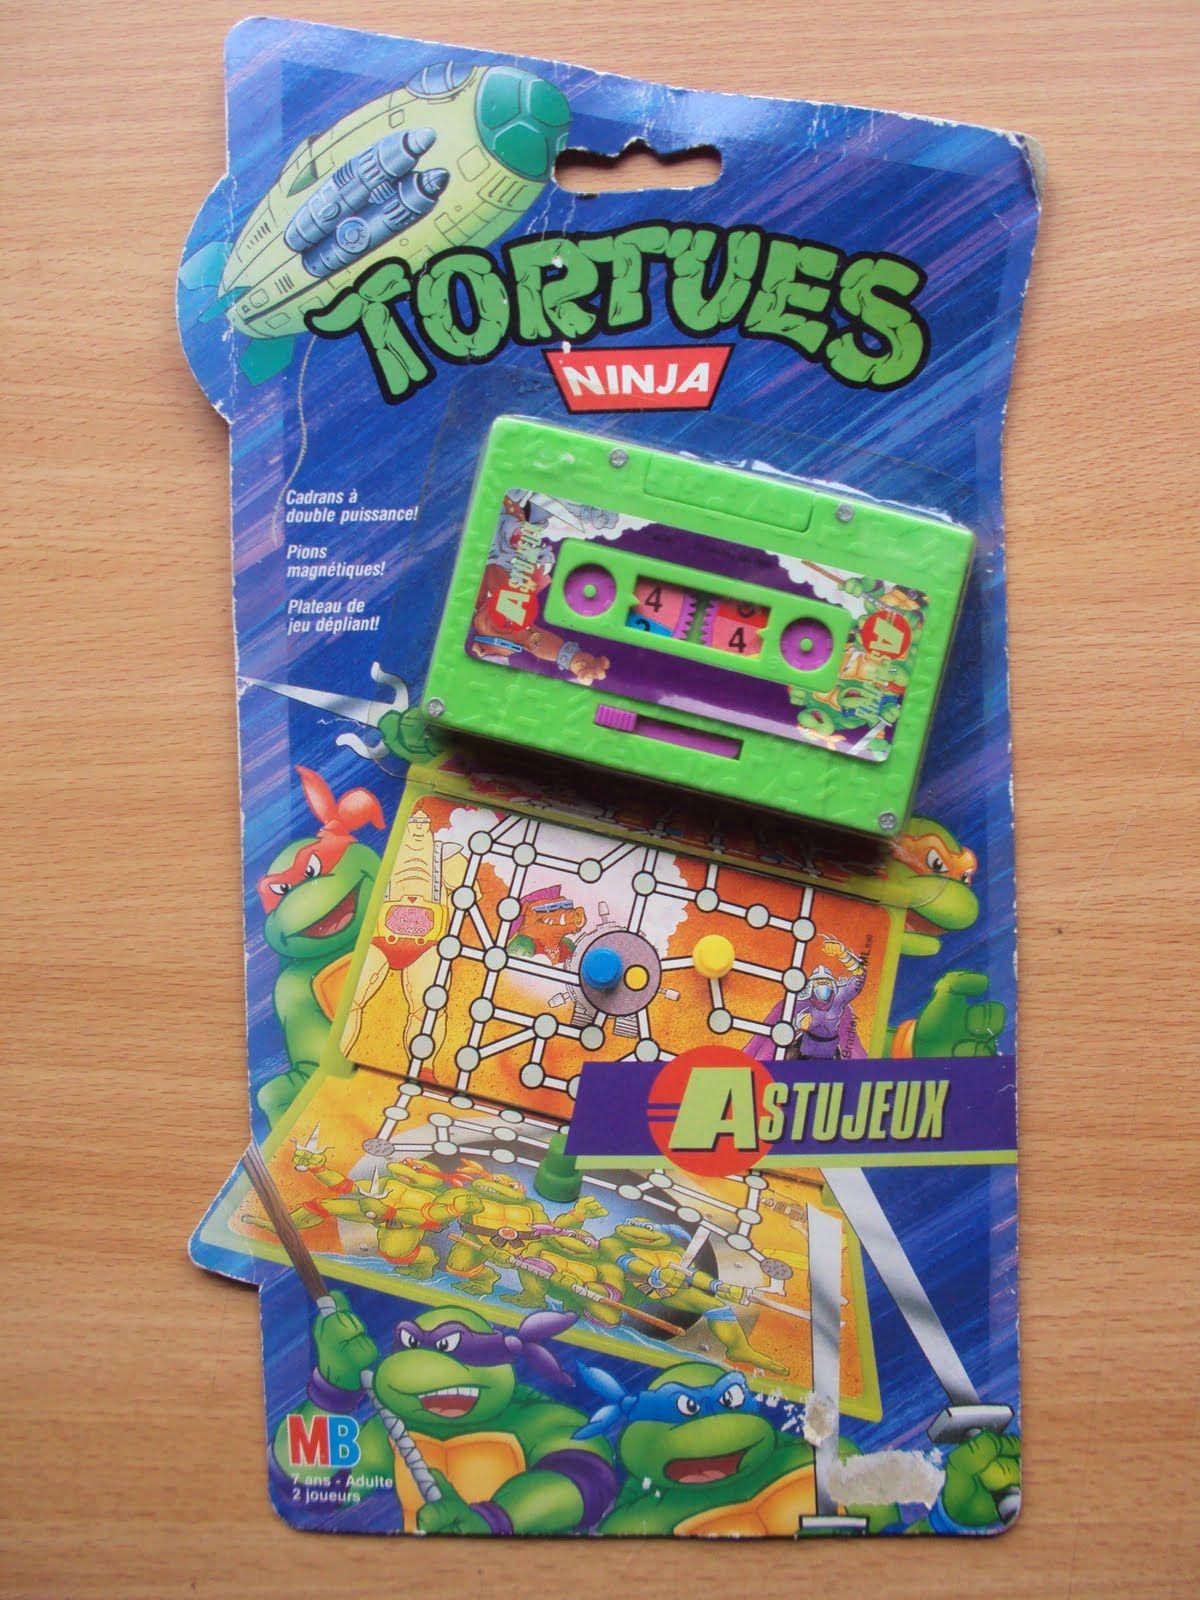 Les jouets de notre enfance. - Page 4 B440cd9e372172952306cc97819339fe